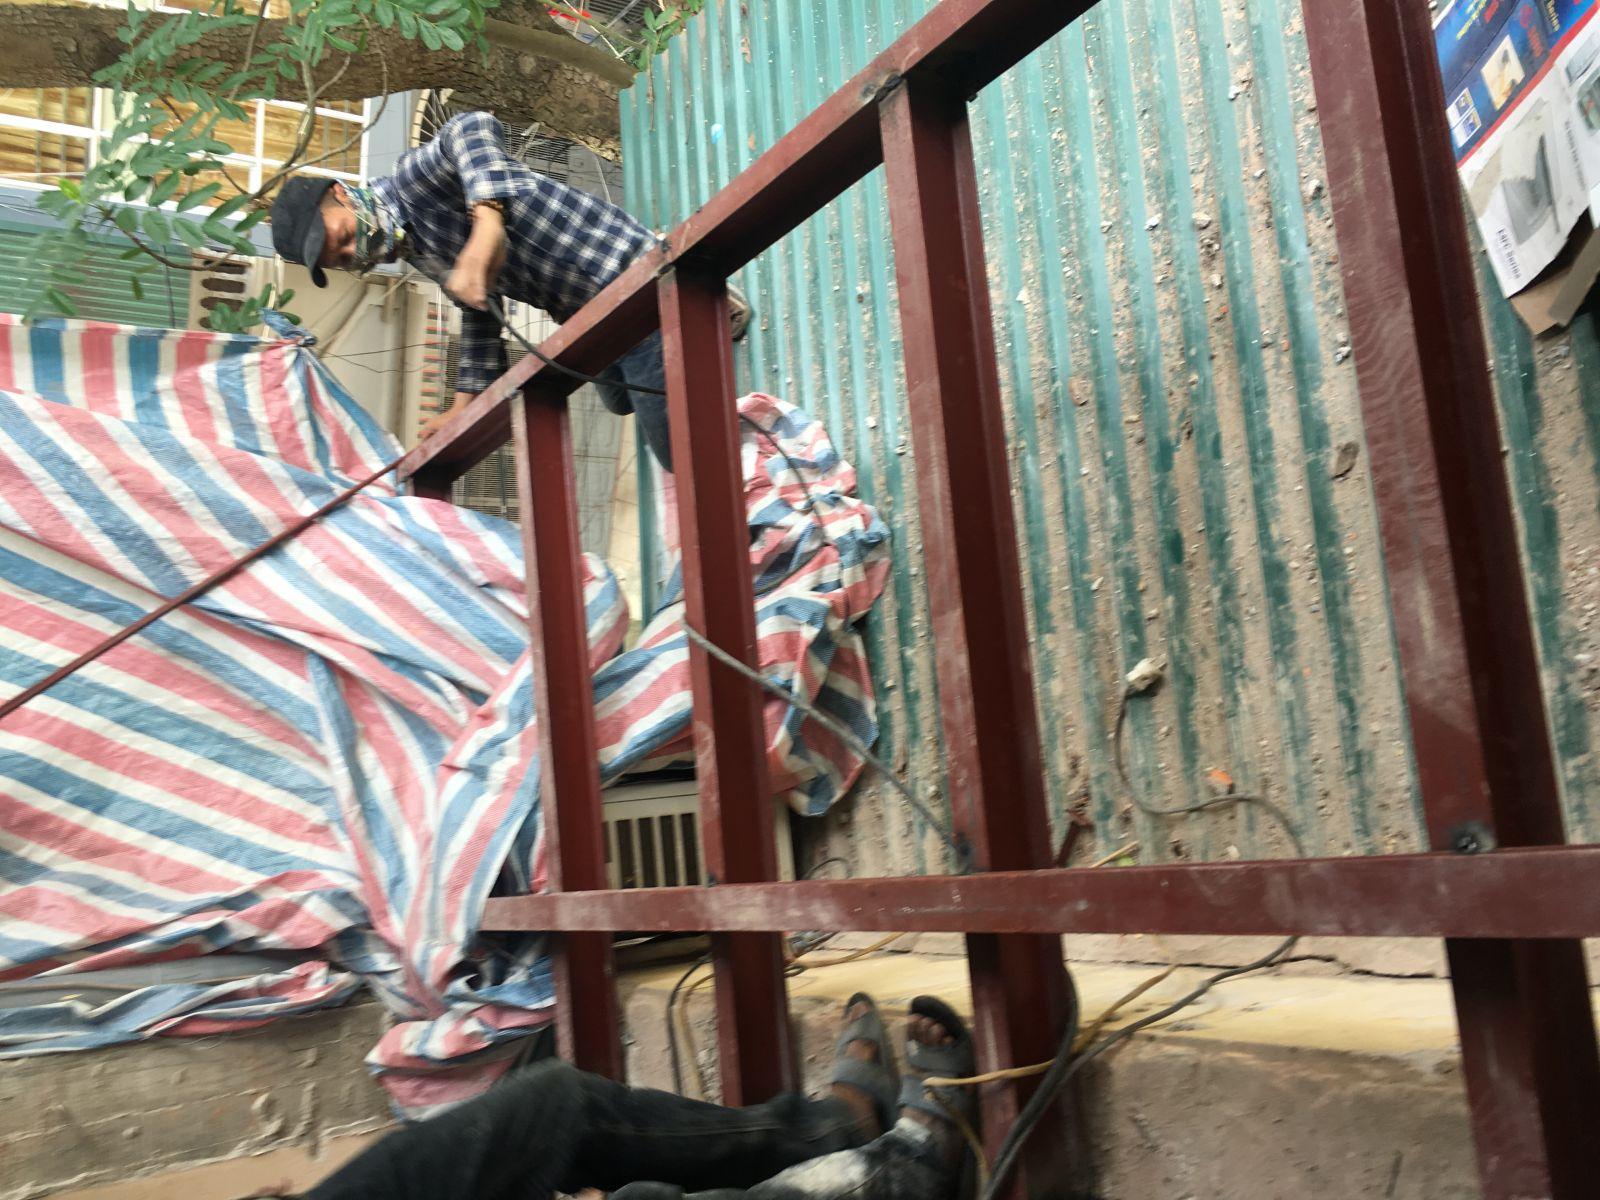 Công trình cải tạo chung cư cũ nhà Chị Thanh địa chỉ P313-A5 ngõ 28/76, Xuân La, Tây Hồ, Hà Nội-2